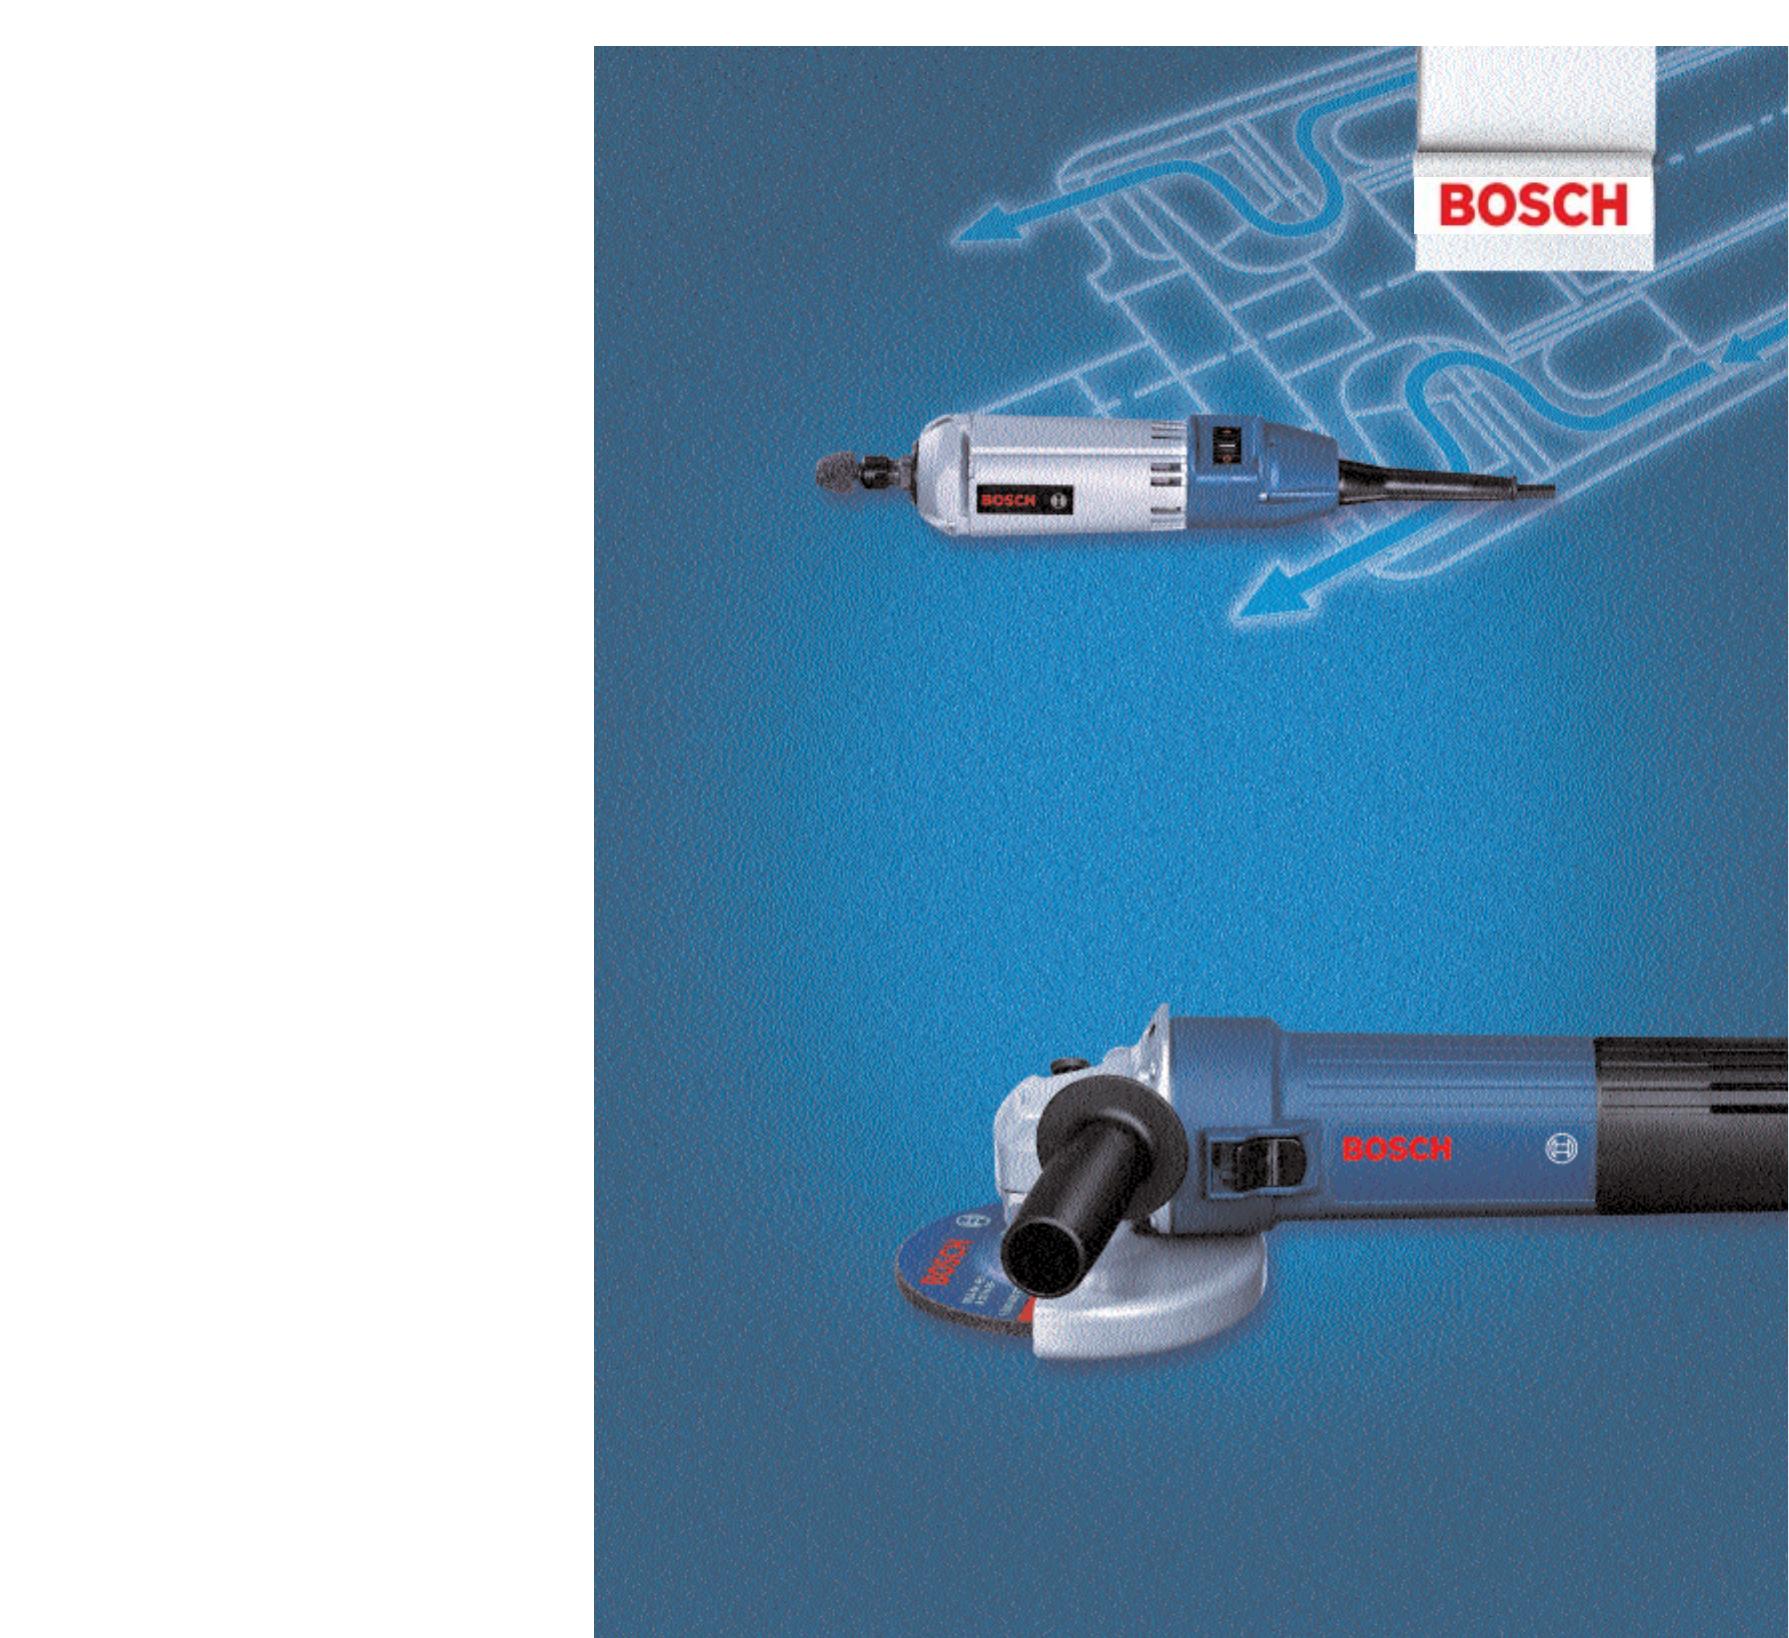 bosch logixx 8 user manual